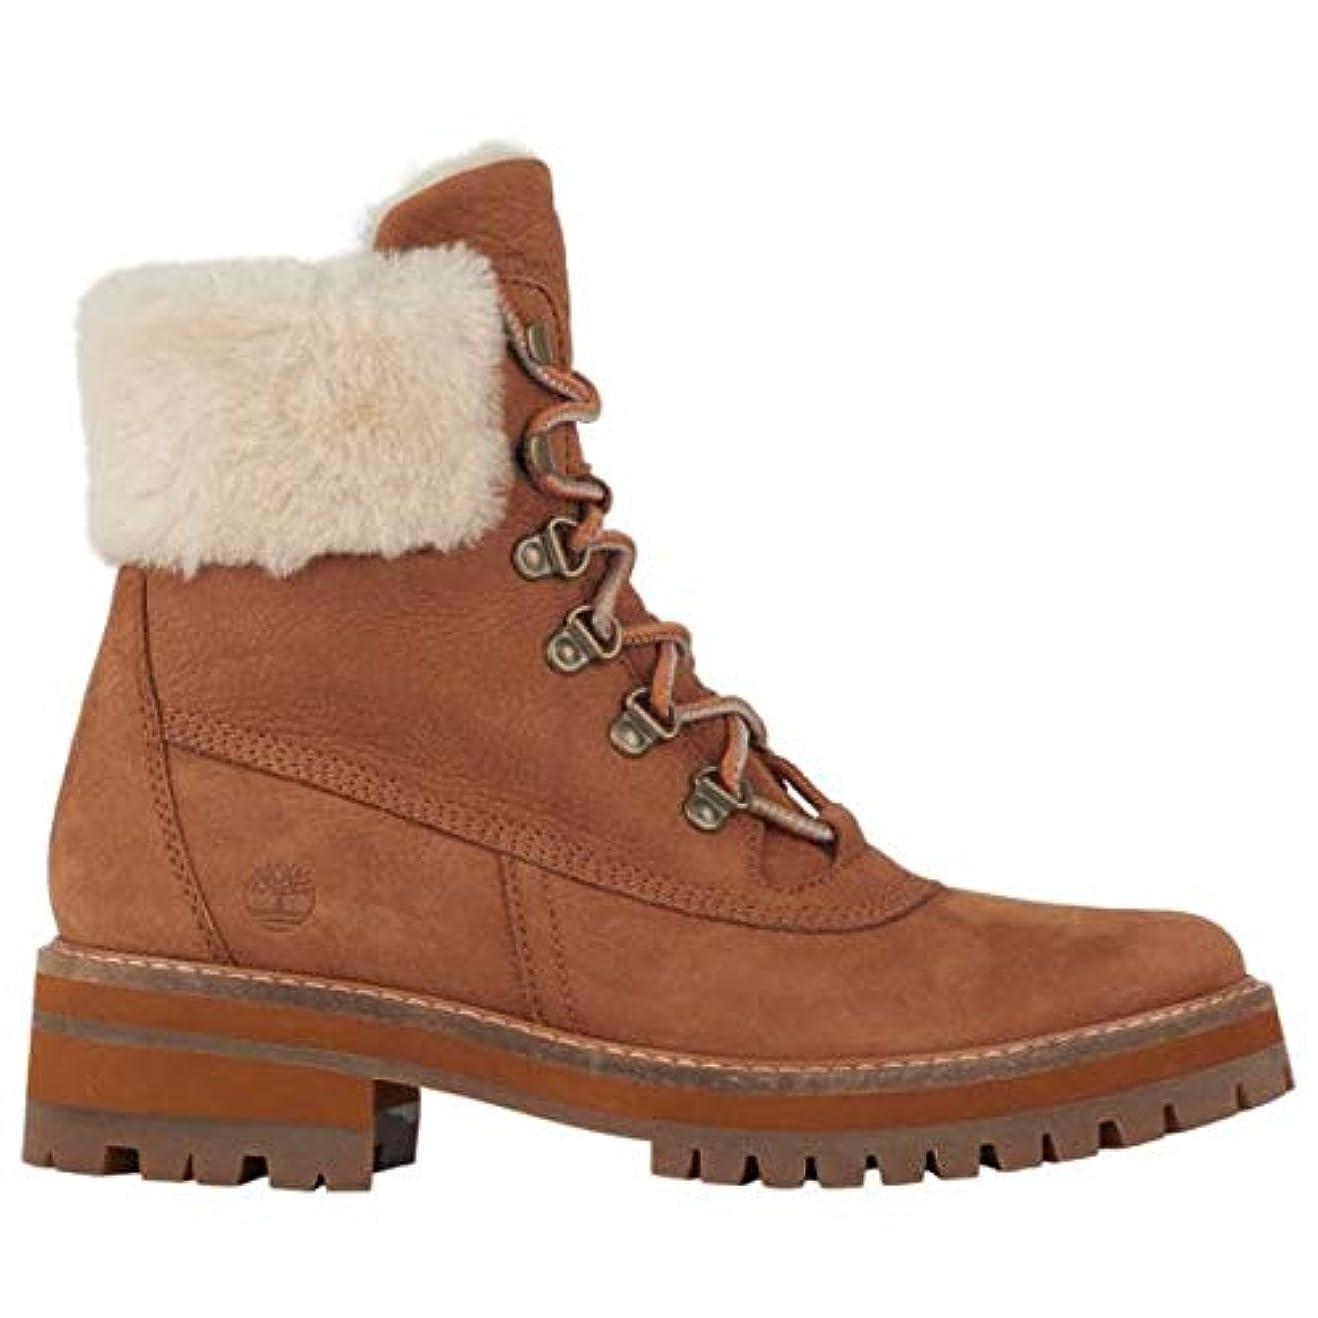 機知に富んだ病弱独占[ティンバーランド] Courmayeur 6 Shearling Boots レディース ブーツ [並行輸入品]